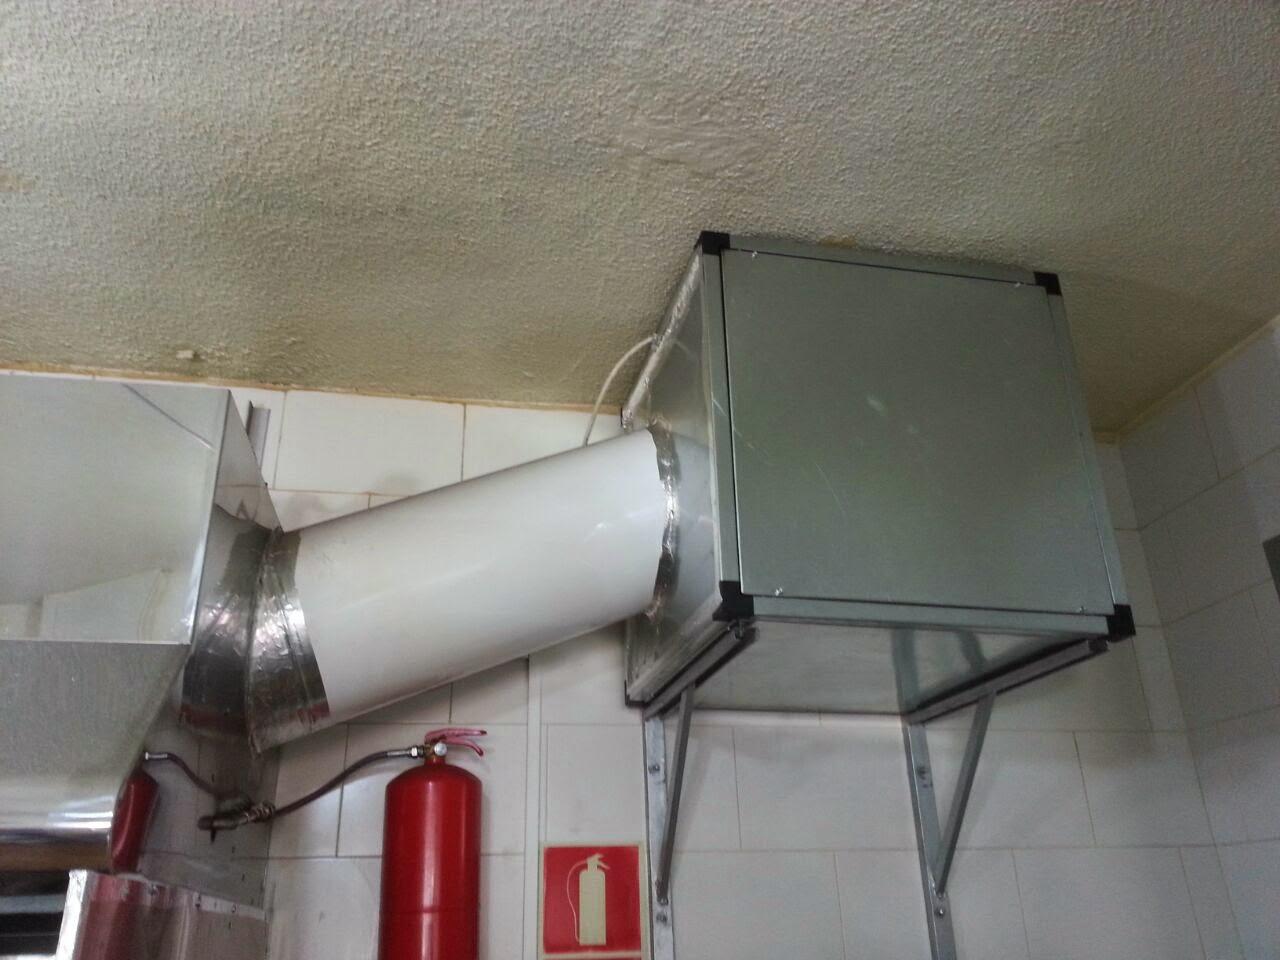 Reformas conductos ventilaci n madrid chimeneas y salida - Instalacion campana extractora ...